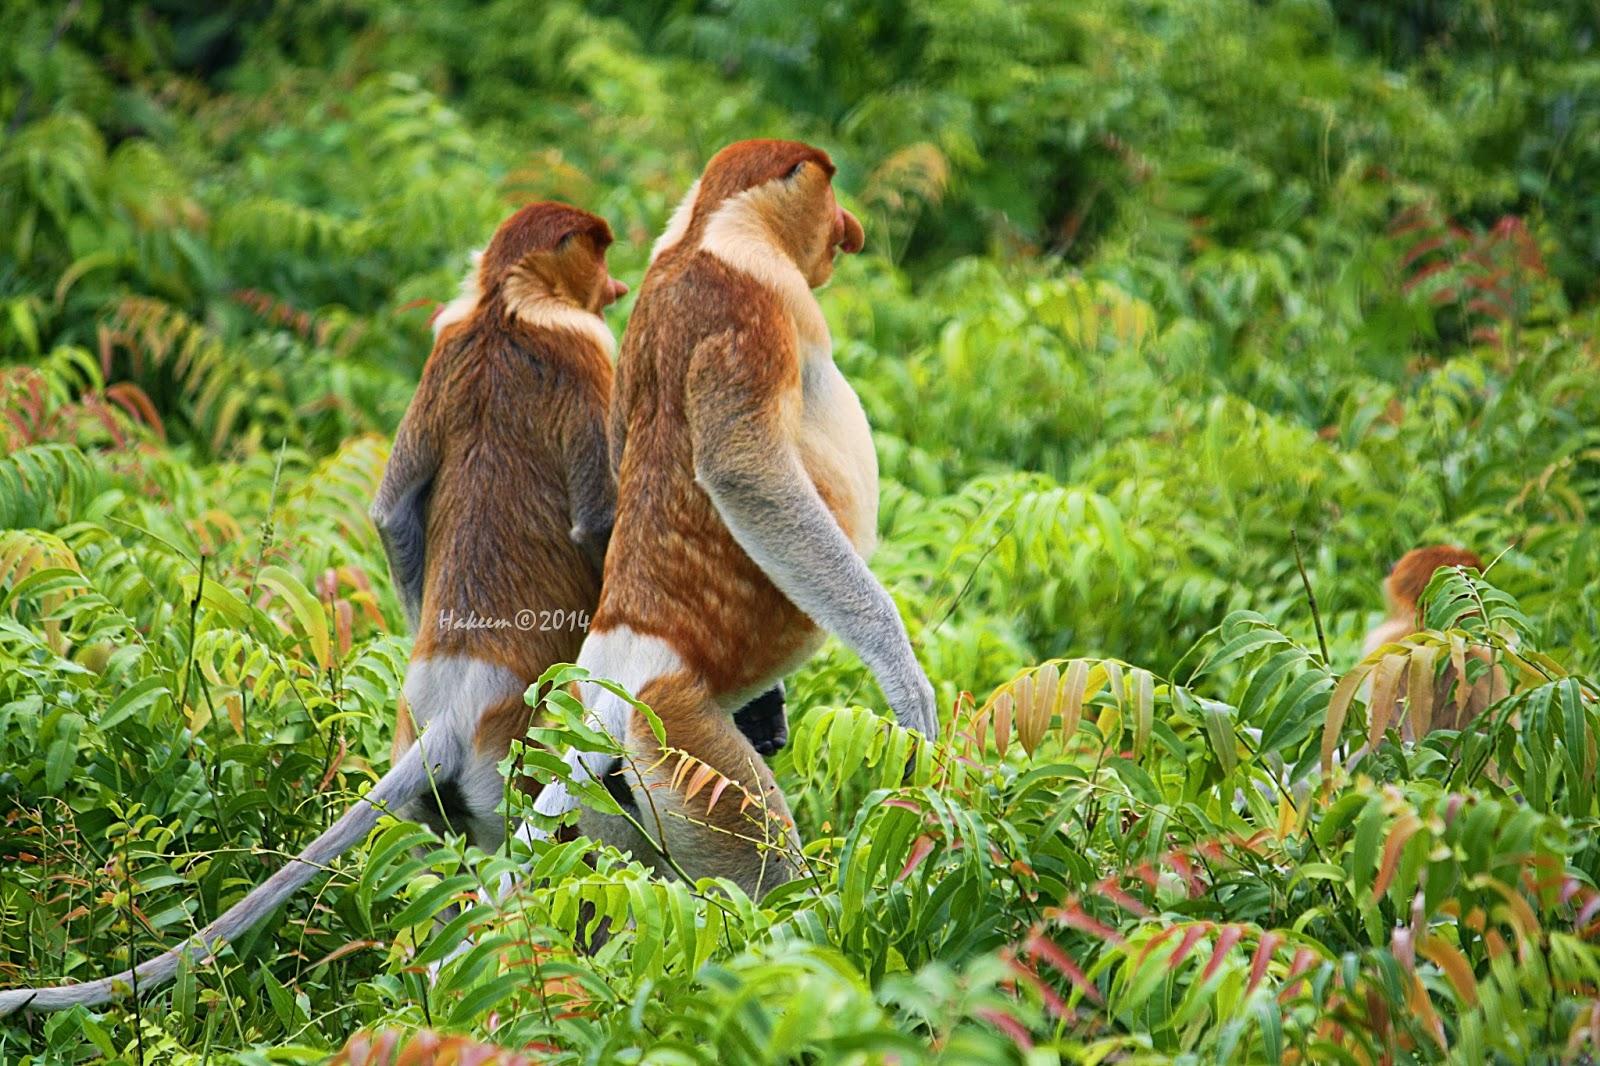 107 Tempat Wisata Kalimantan Utara Menarik Wajib Dikunjungi Id Pura